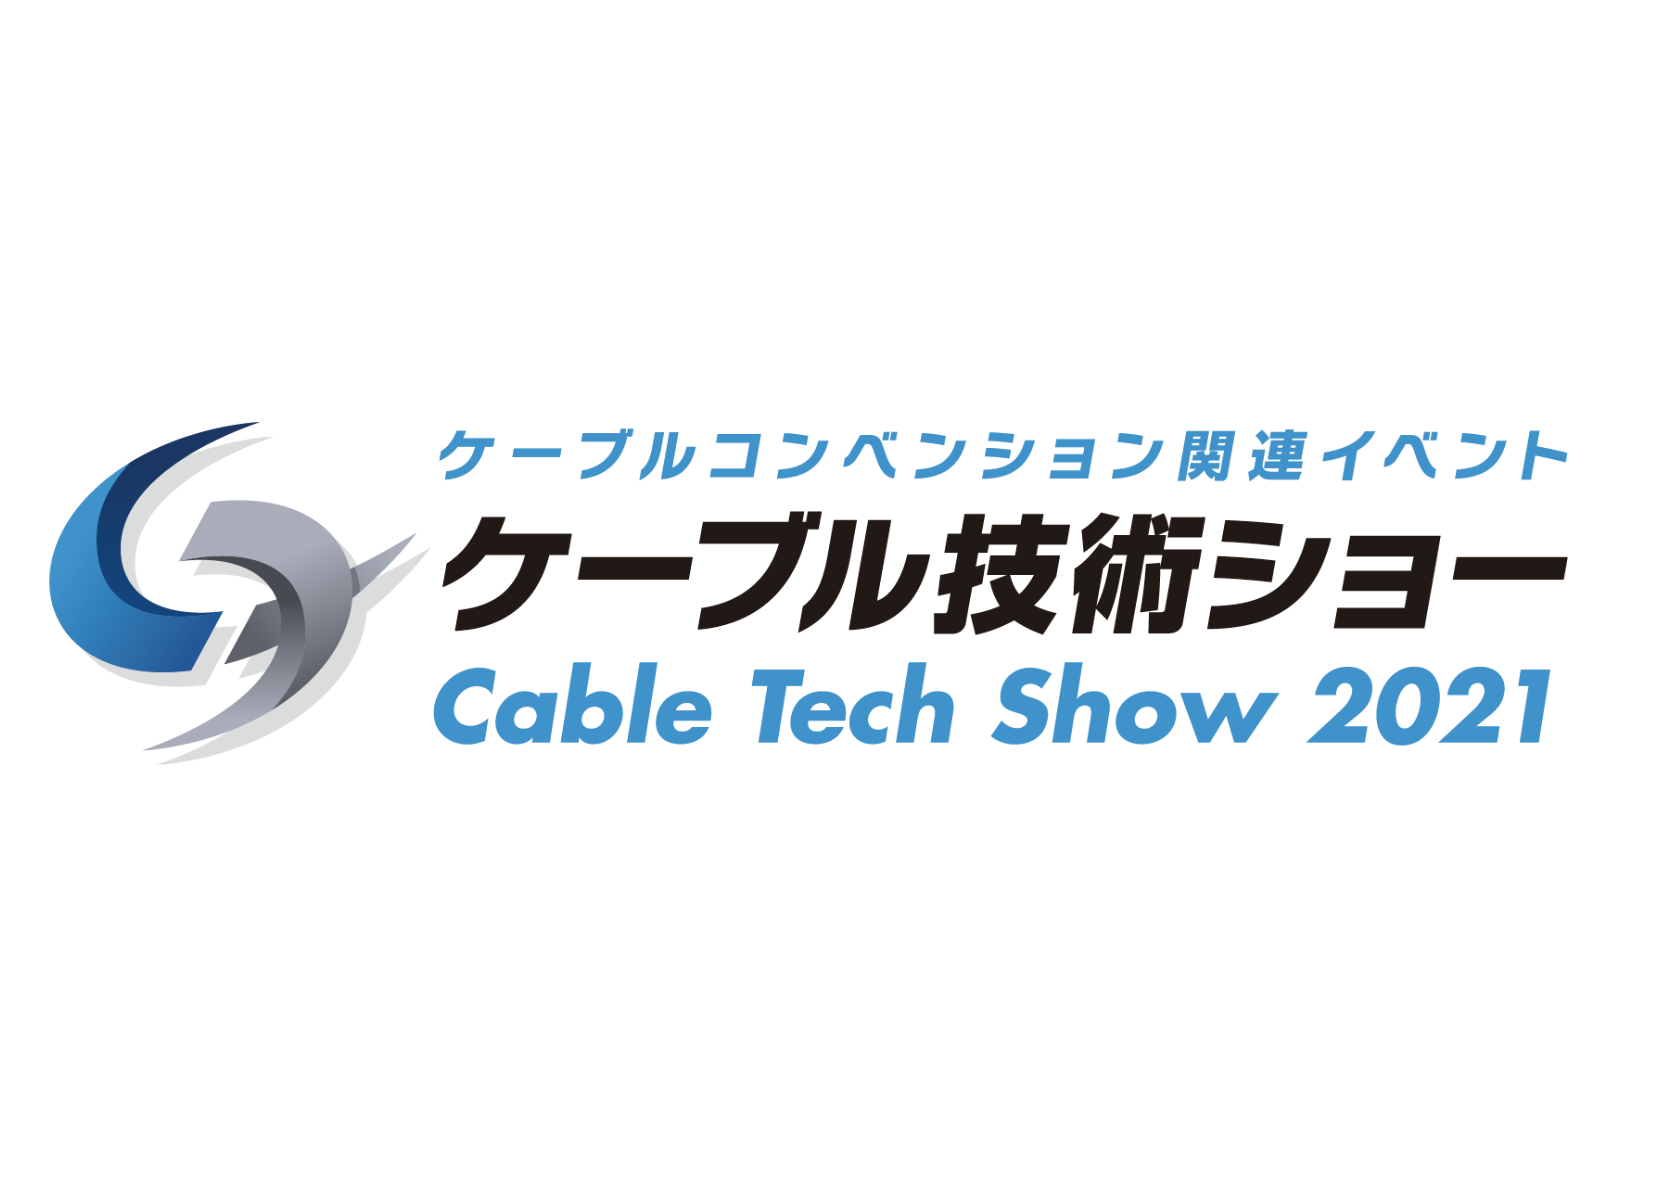 ケーブル技術ショー2021 オンライン展示会も開催 6月3、4日 東京国際フォーラムでの画像